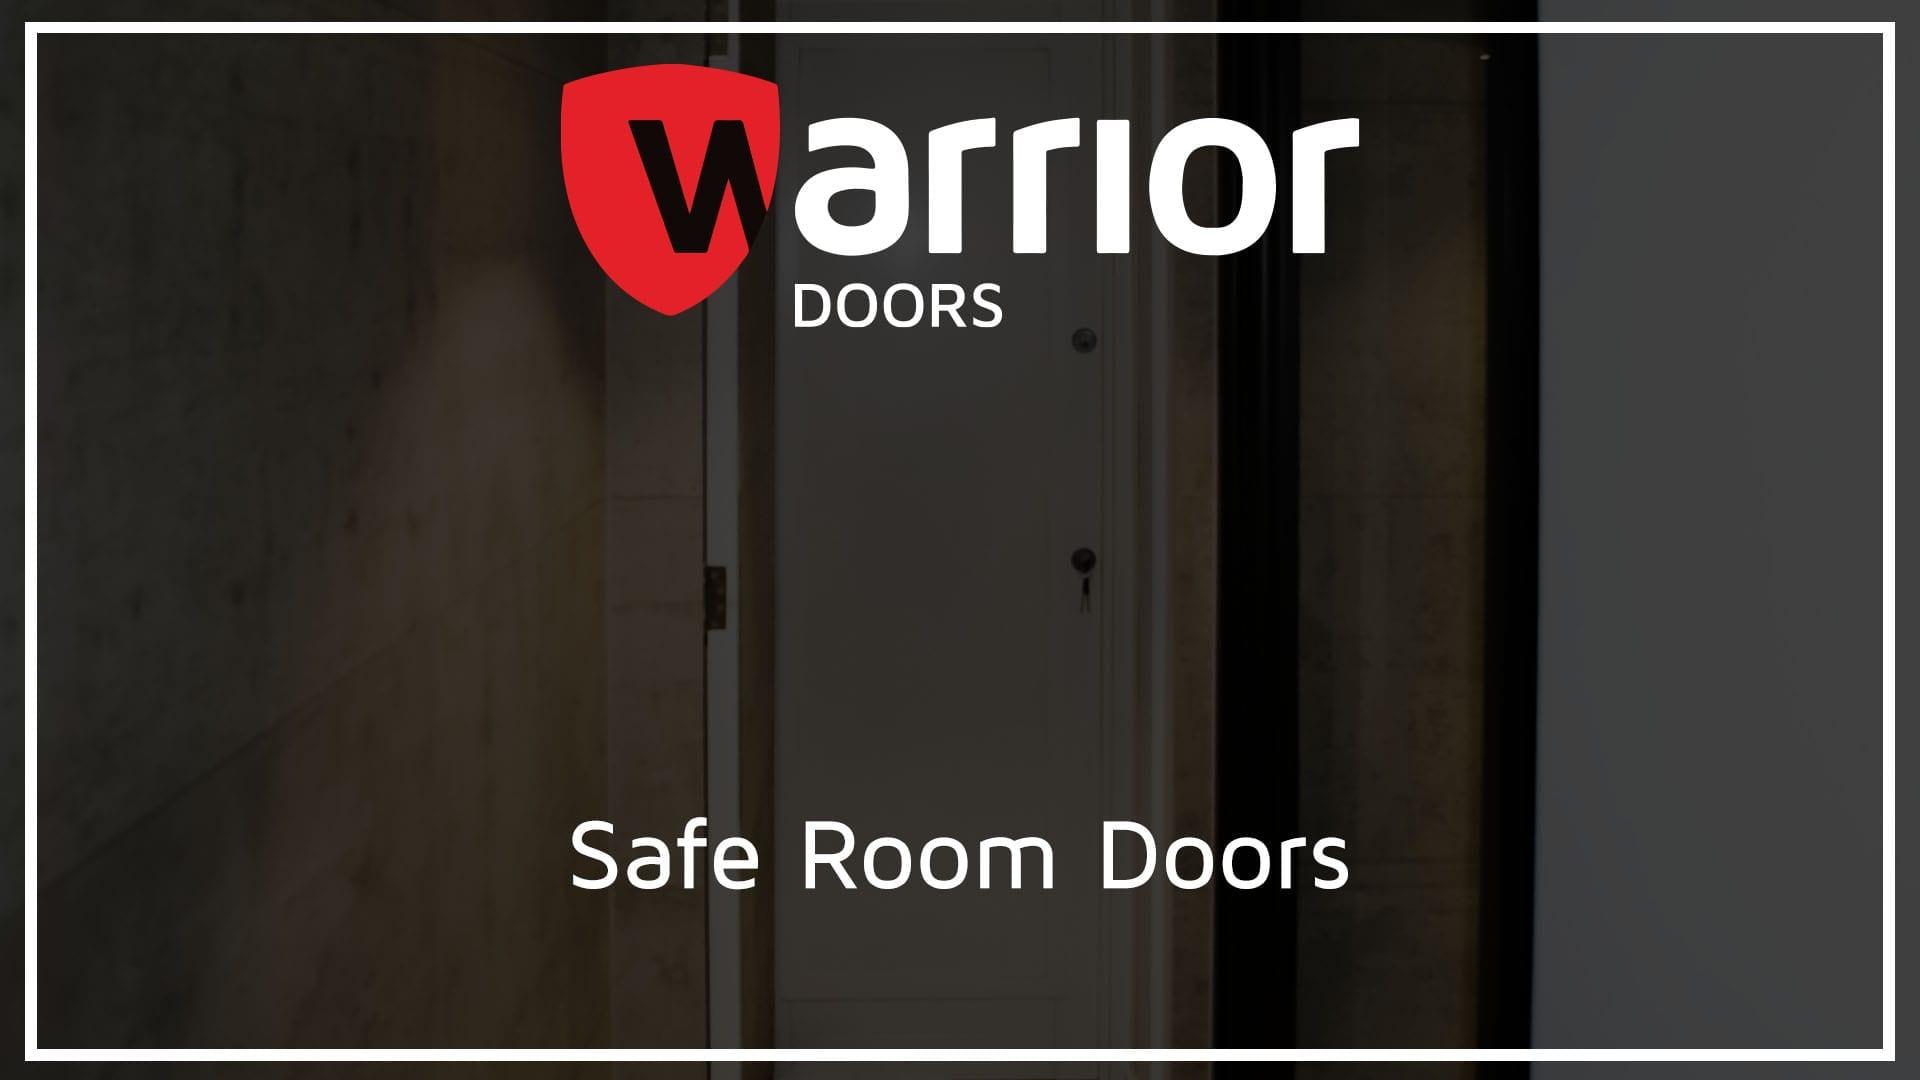 """Safe Room Door with Warrior Doors Logo and text reading """"Safe Room Doors"""""""